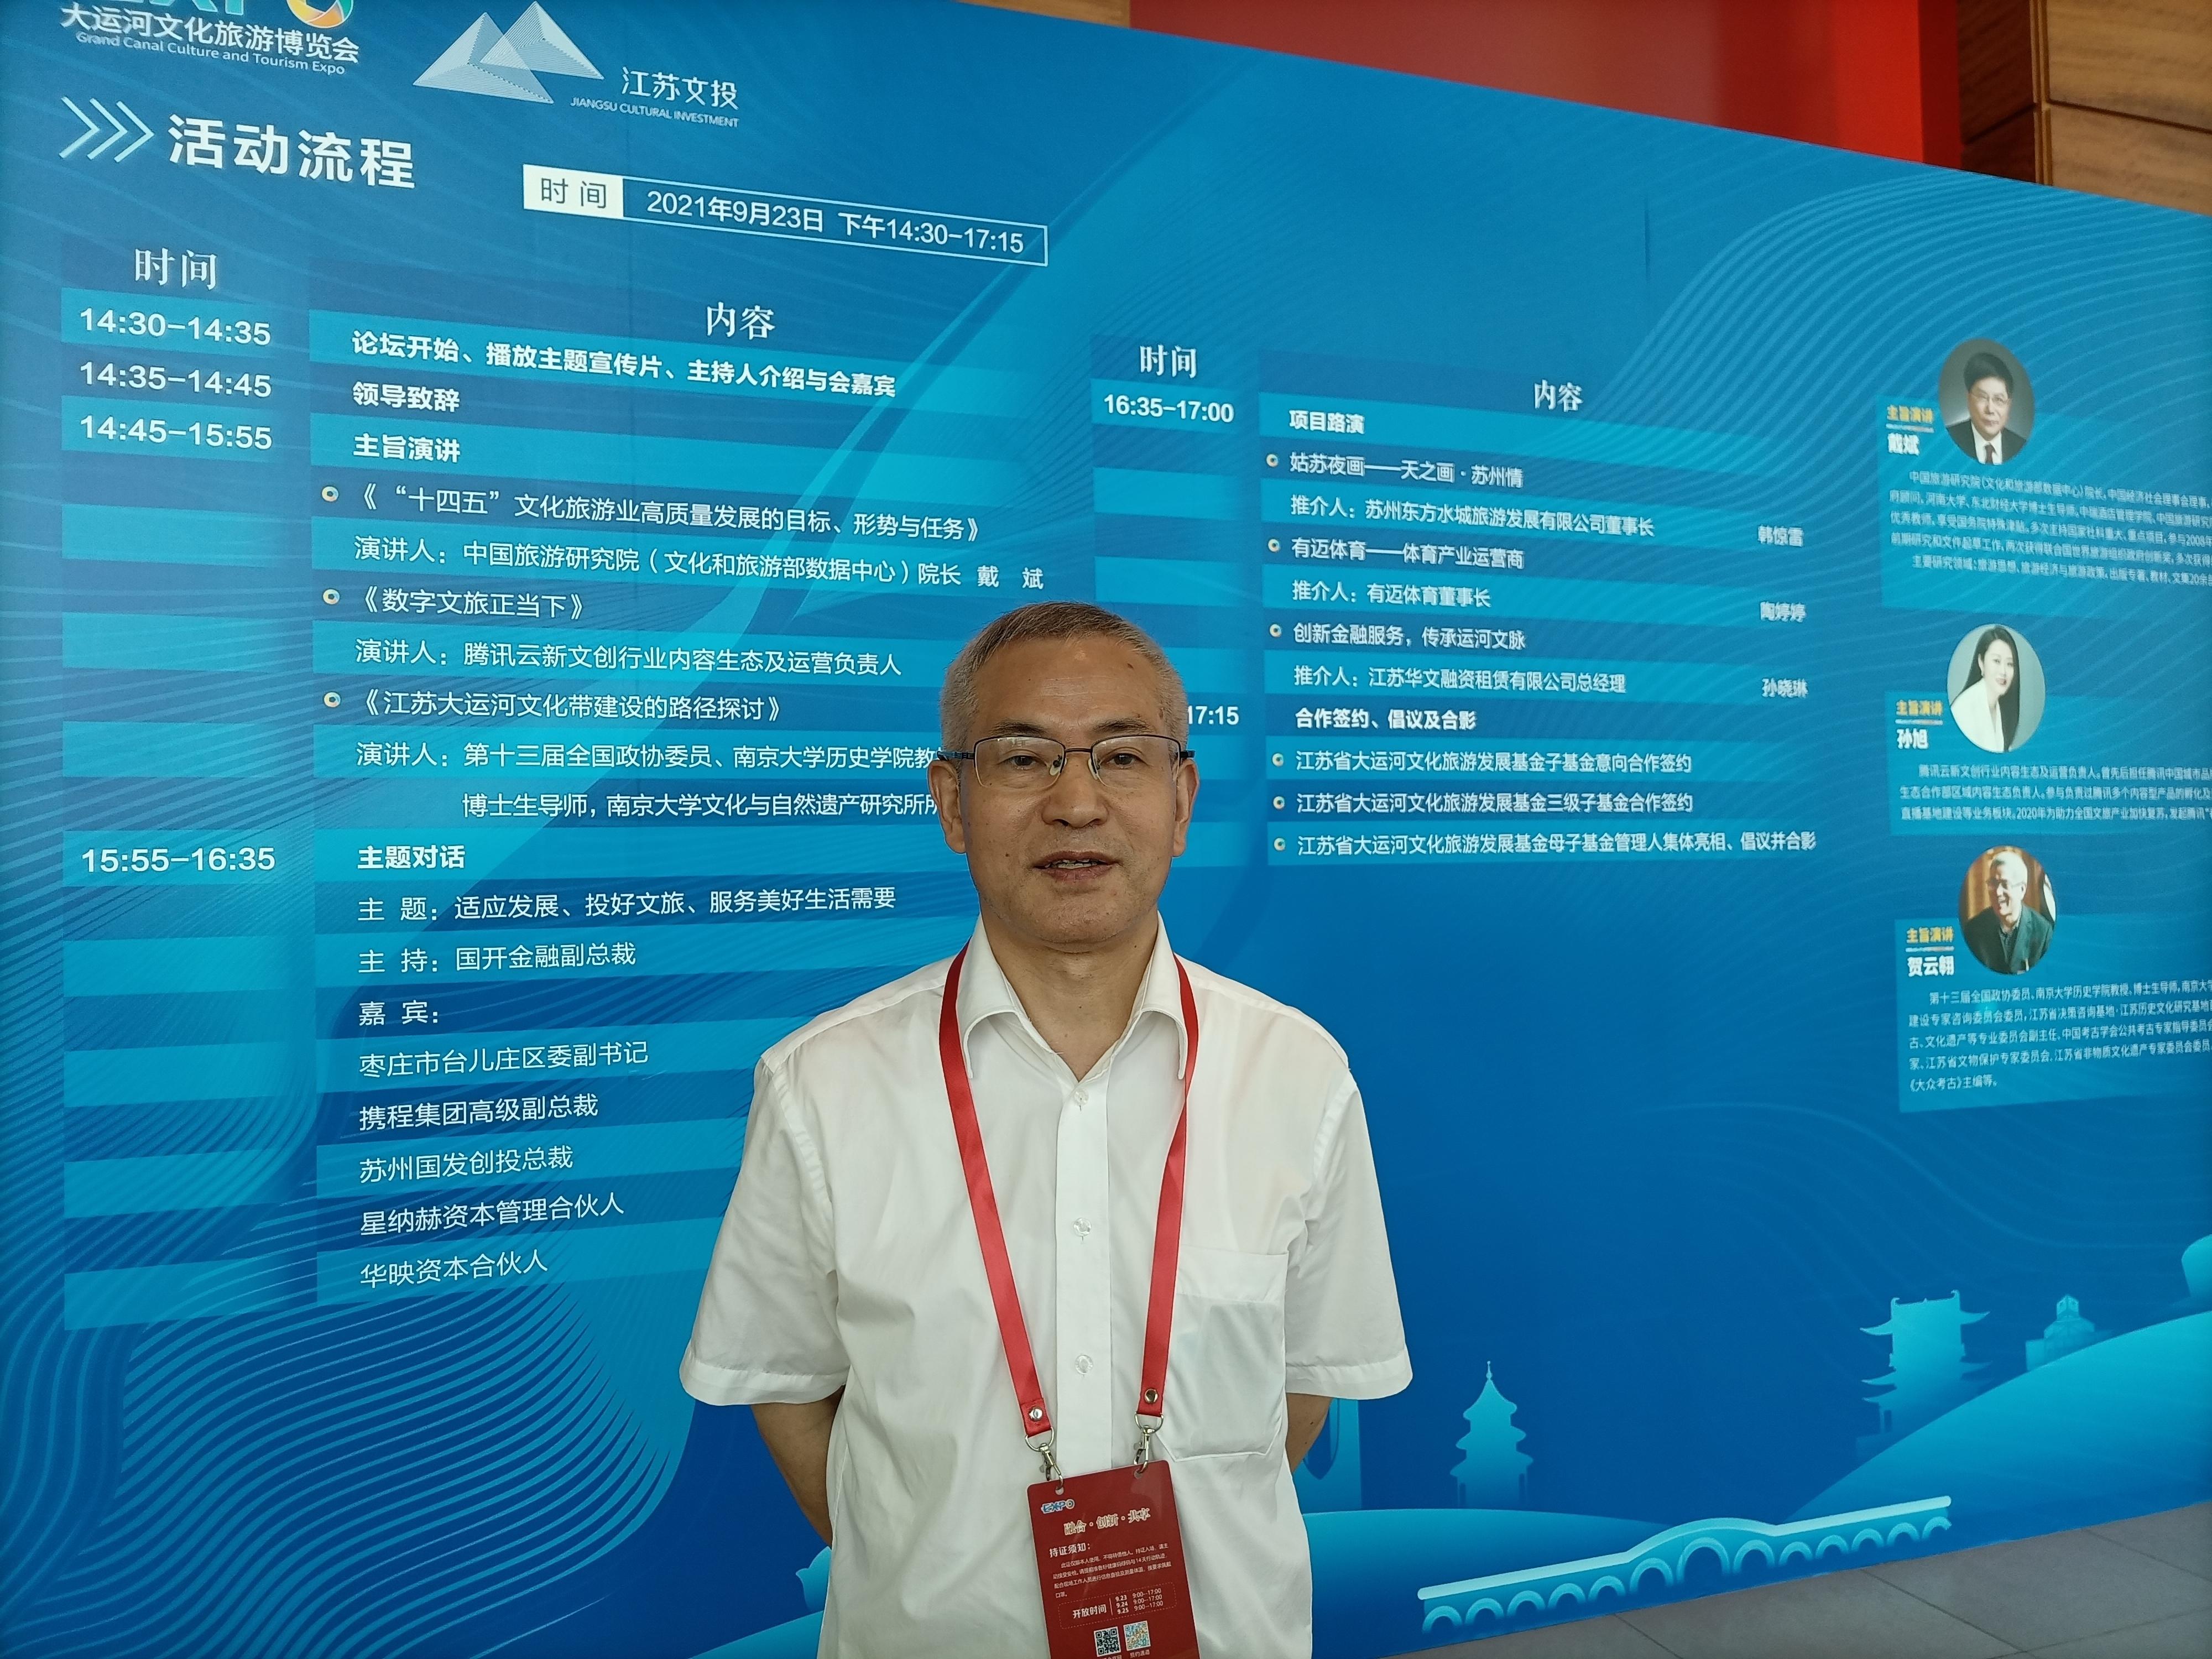 南京大學歷史系教授賀云翱:要做好大運河的文化遺產深度闡釋性工作